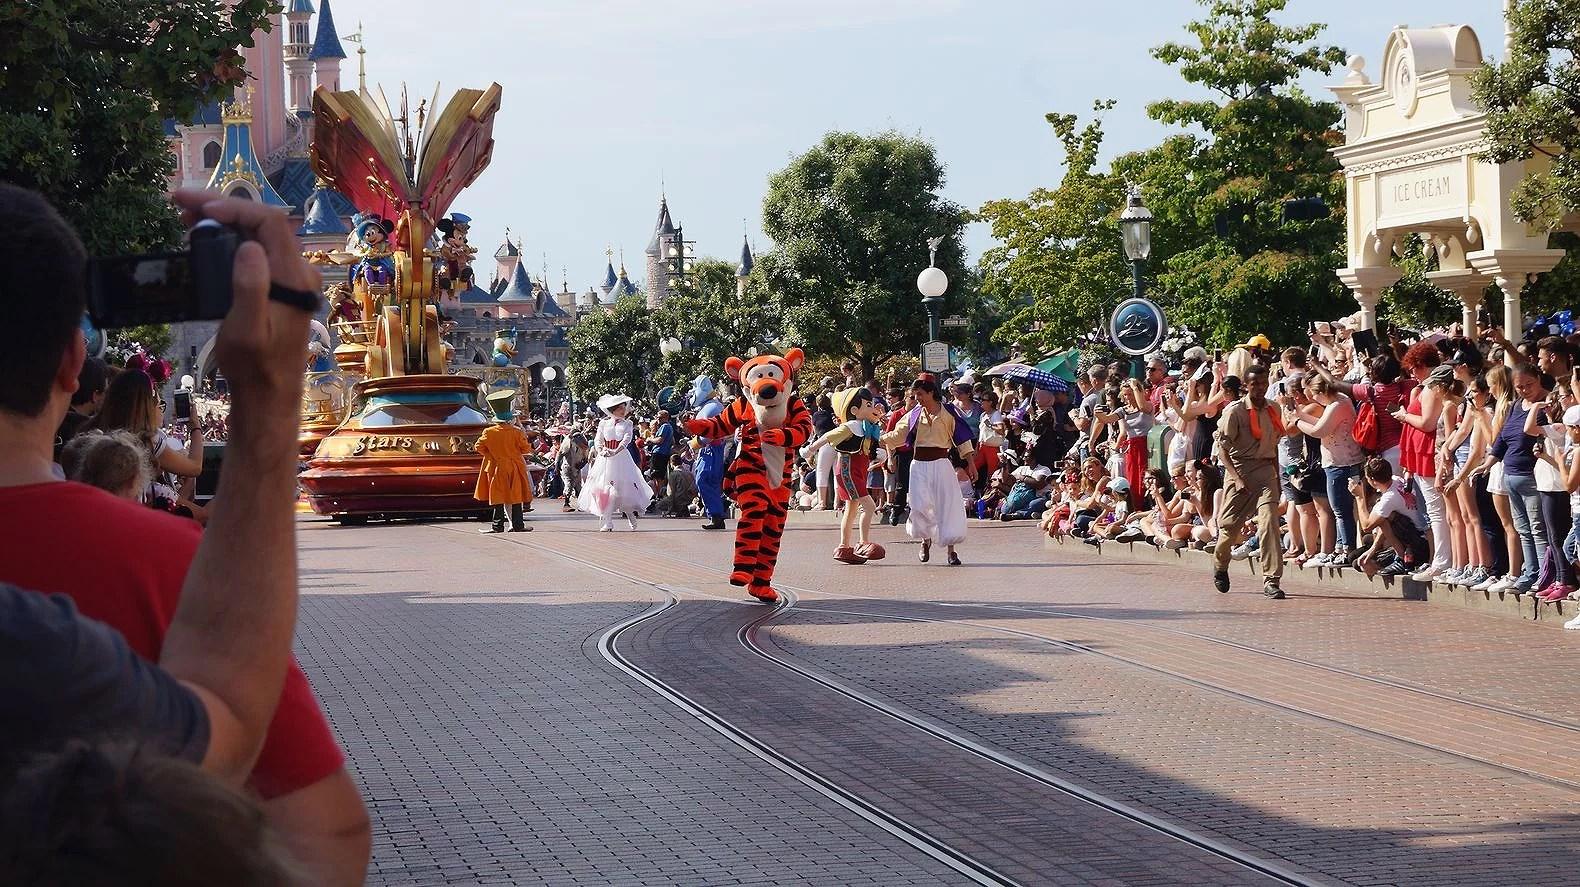 Du kan inte köpa tuggummi på Disneyland Paris eller i andra Disneyparker